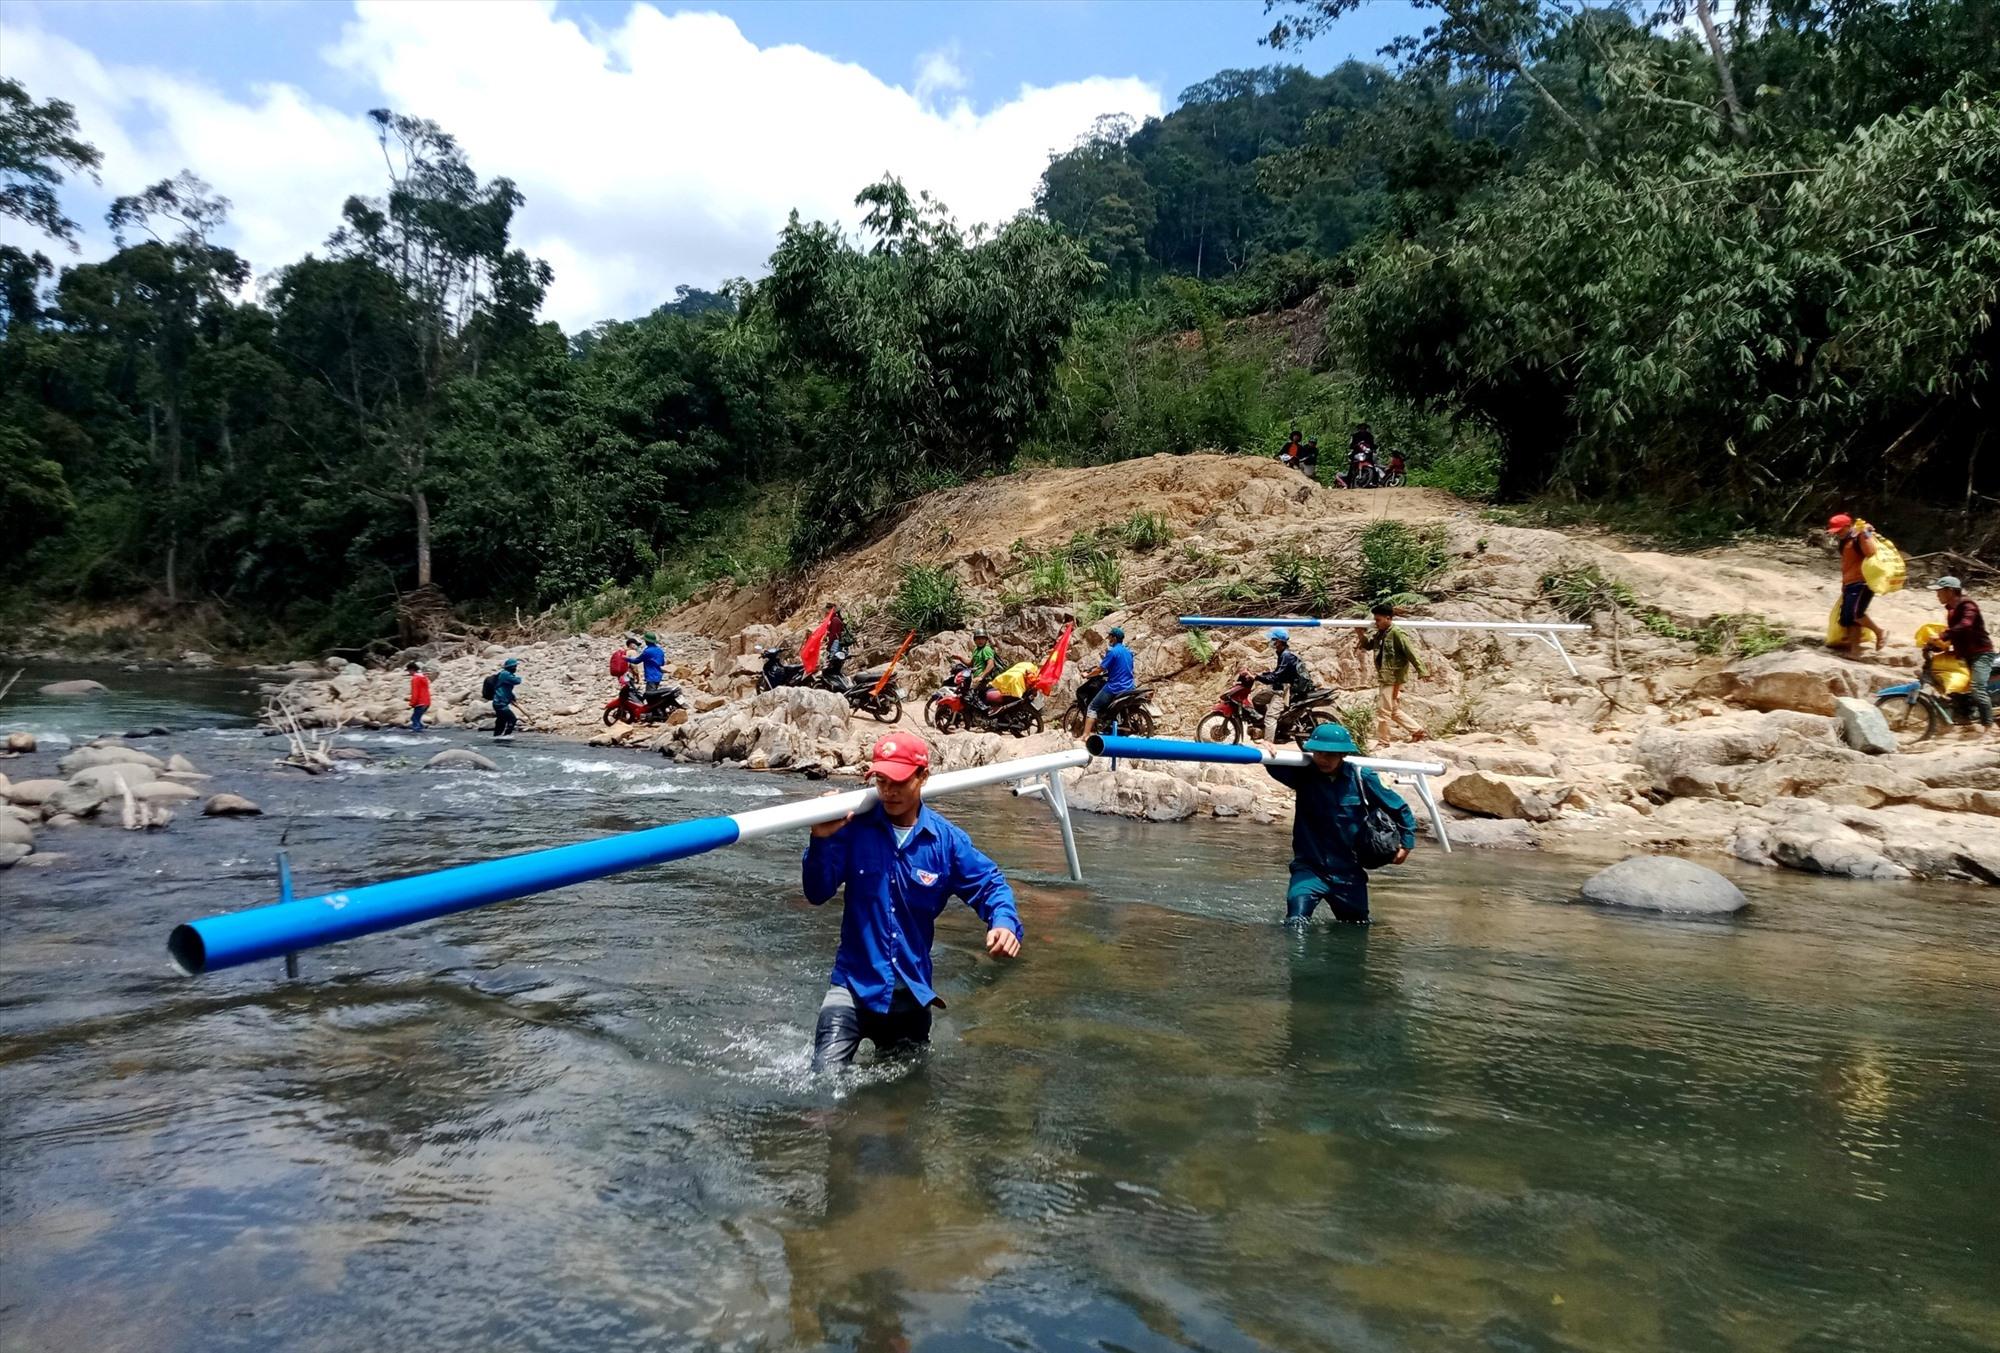 Thanh niên huyện Nam Giang vận chuyển vật liệu điện năng lượng mặt trời đến cụm dân cư Pêtapot. Ảnh: Đ.N